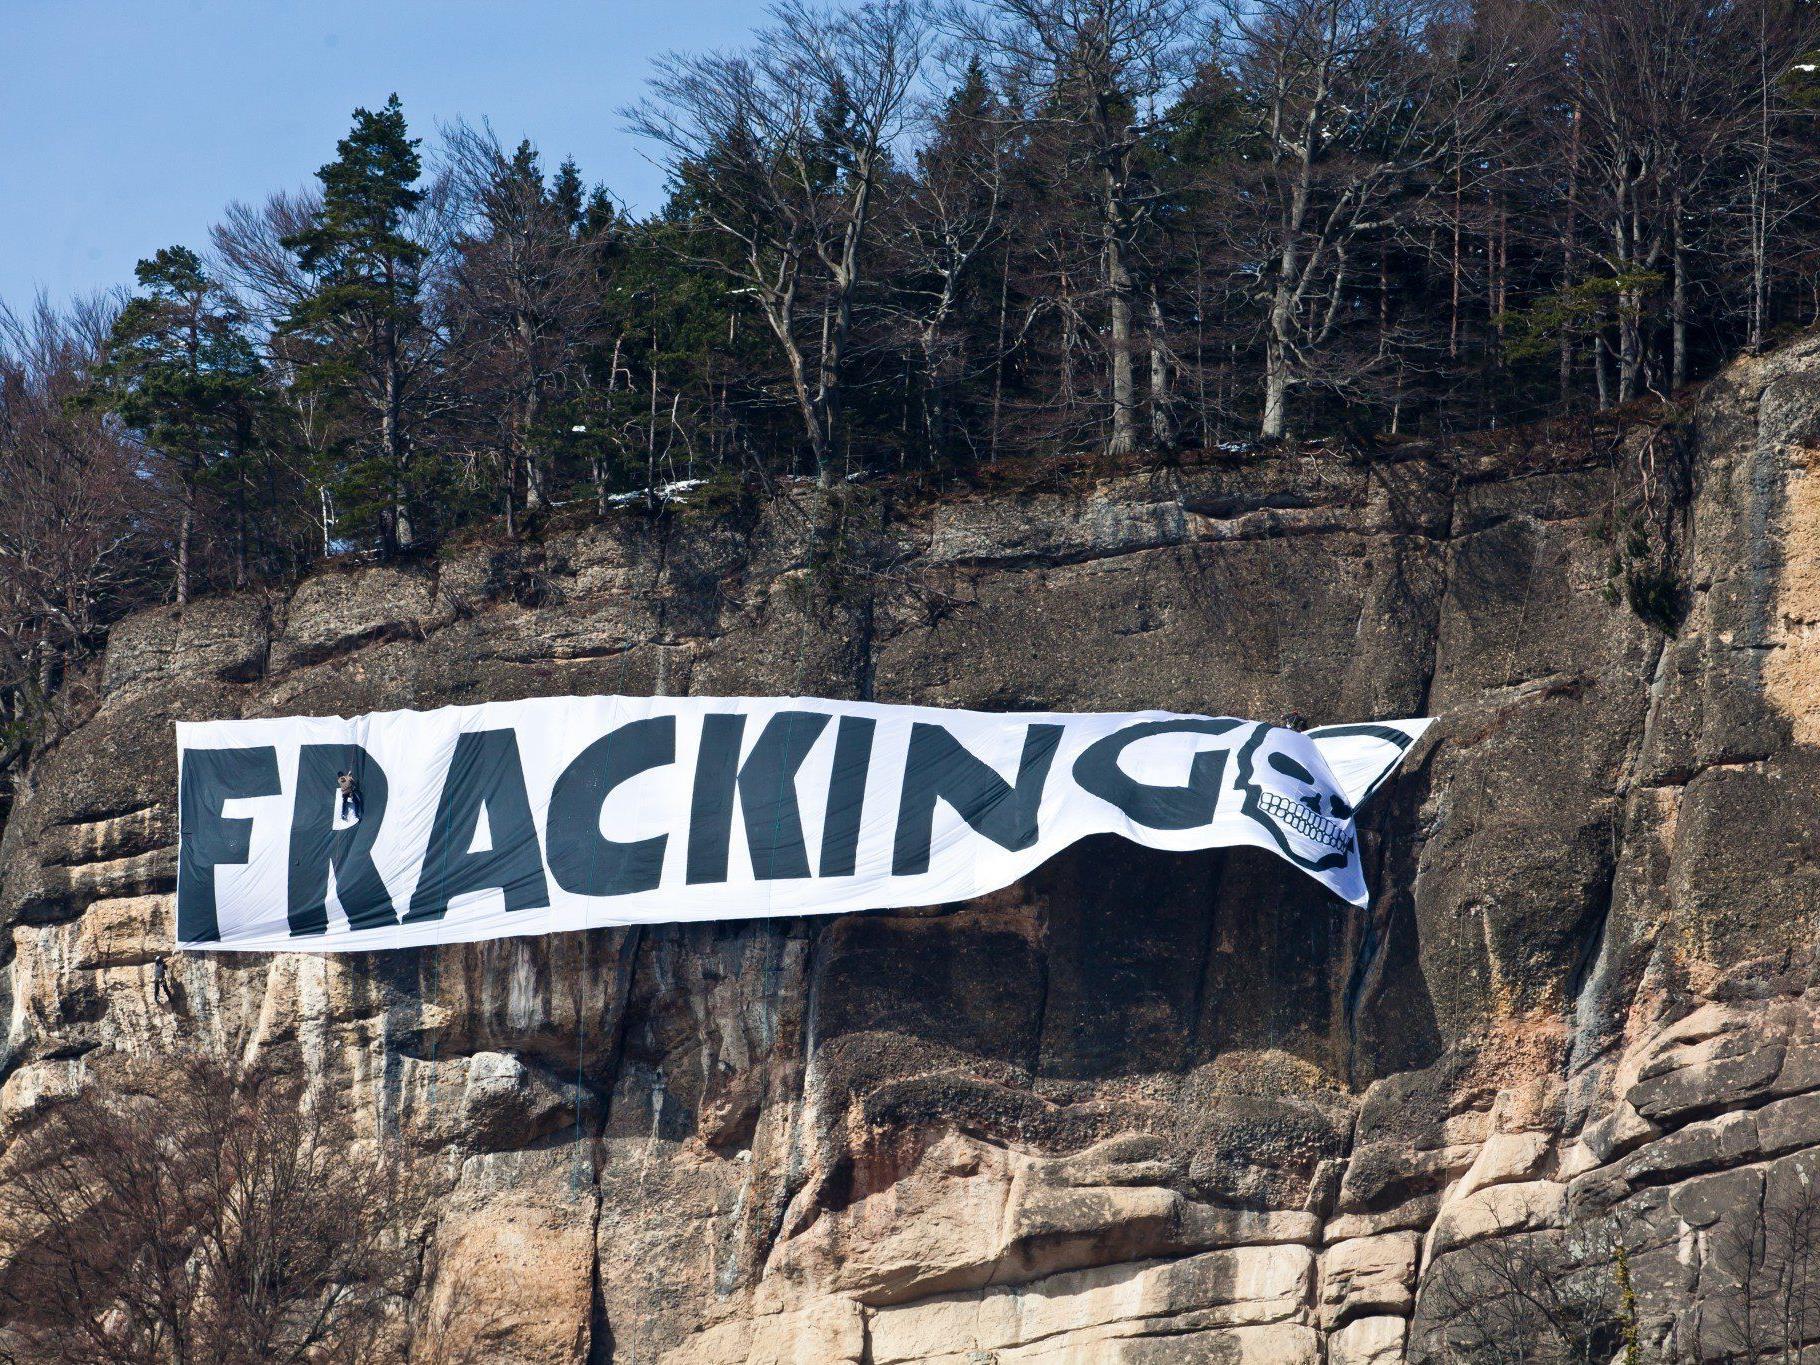 Vorarlberger Fracking-Gegner: Protestaktion am Känzele im März 2013.